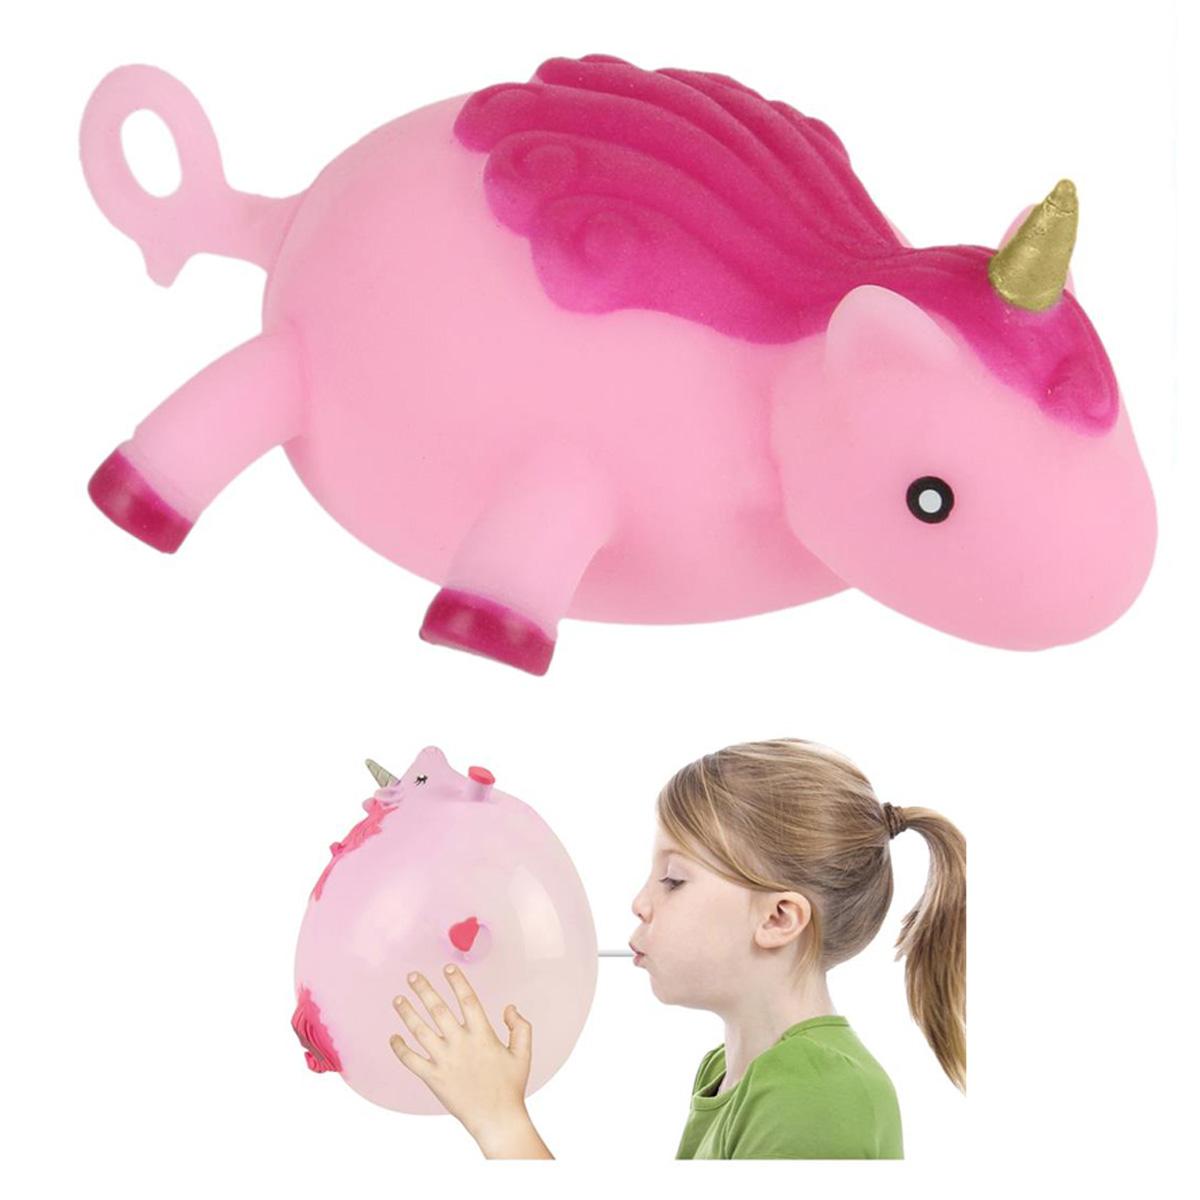 Ballon créateur \'Licorne My Unicorn\' rose - 9x8x4 cm (jusqu\'à 25 cm) - [Q4448]